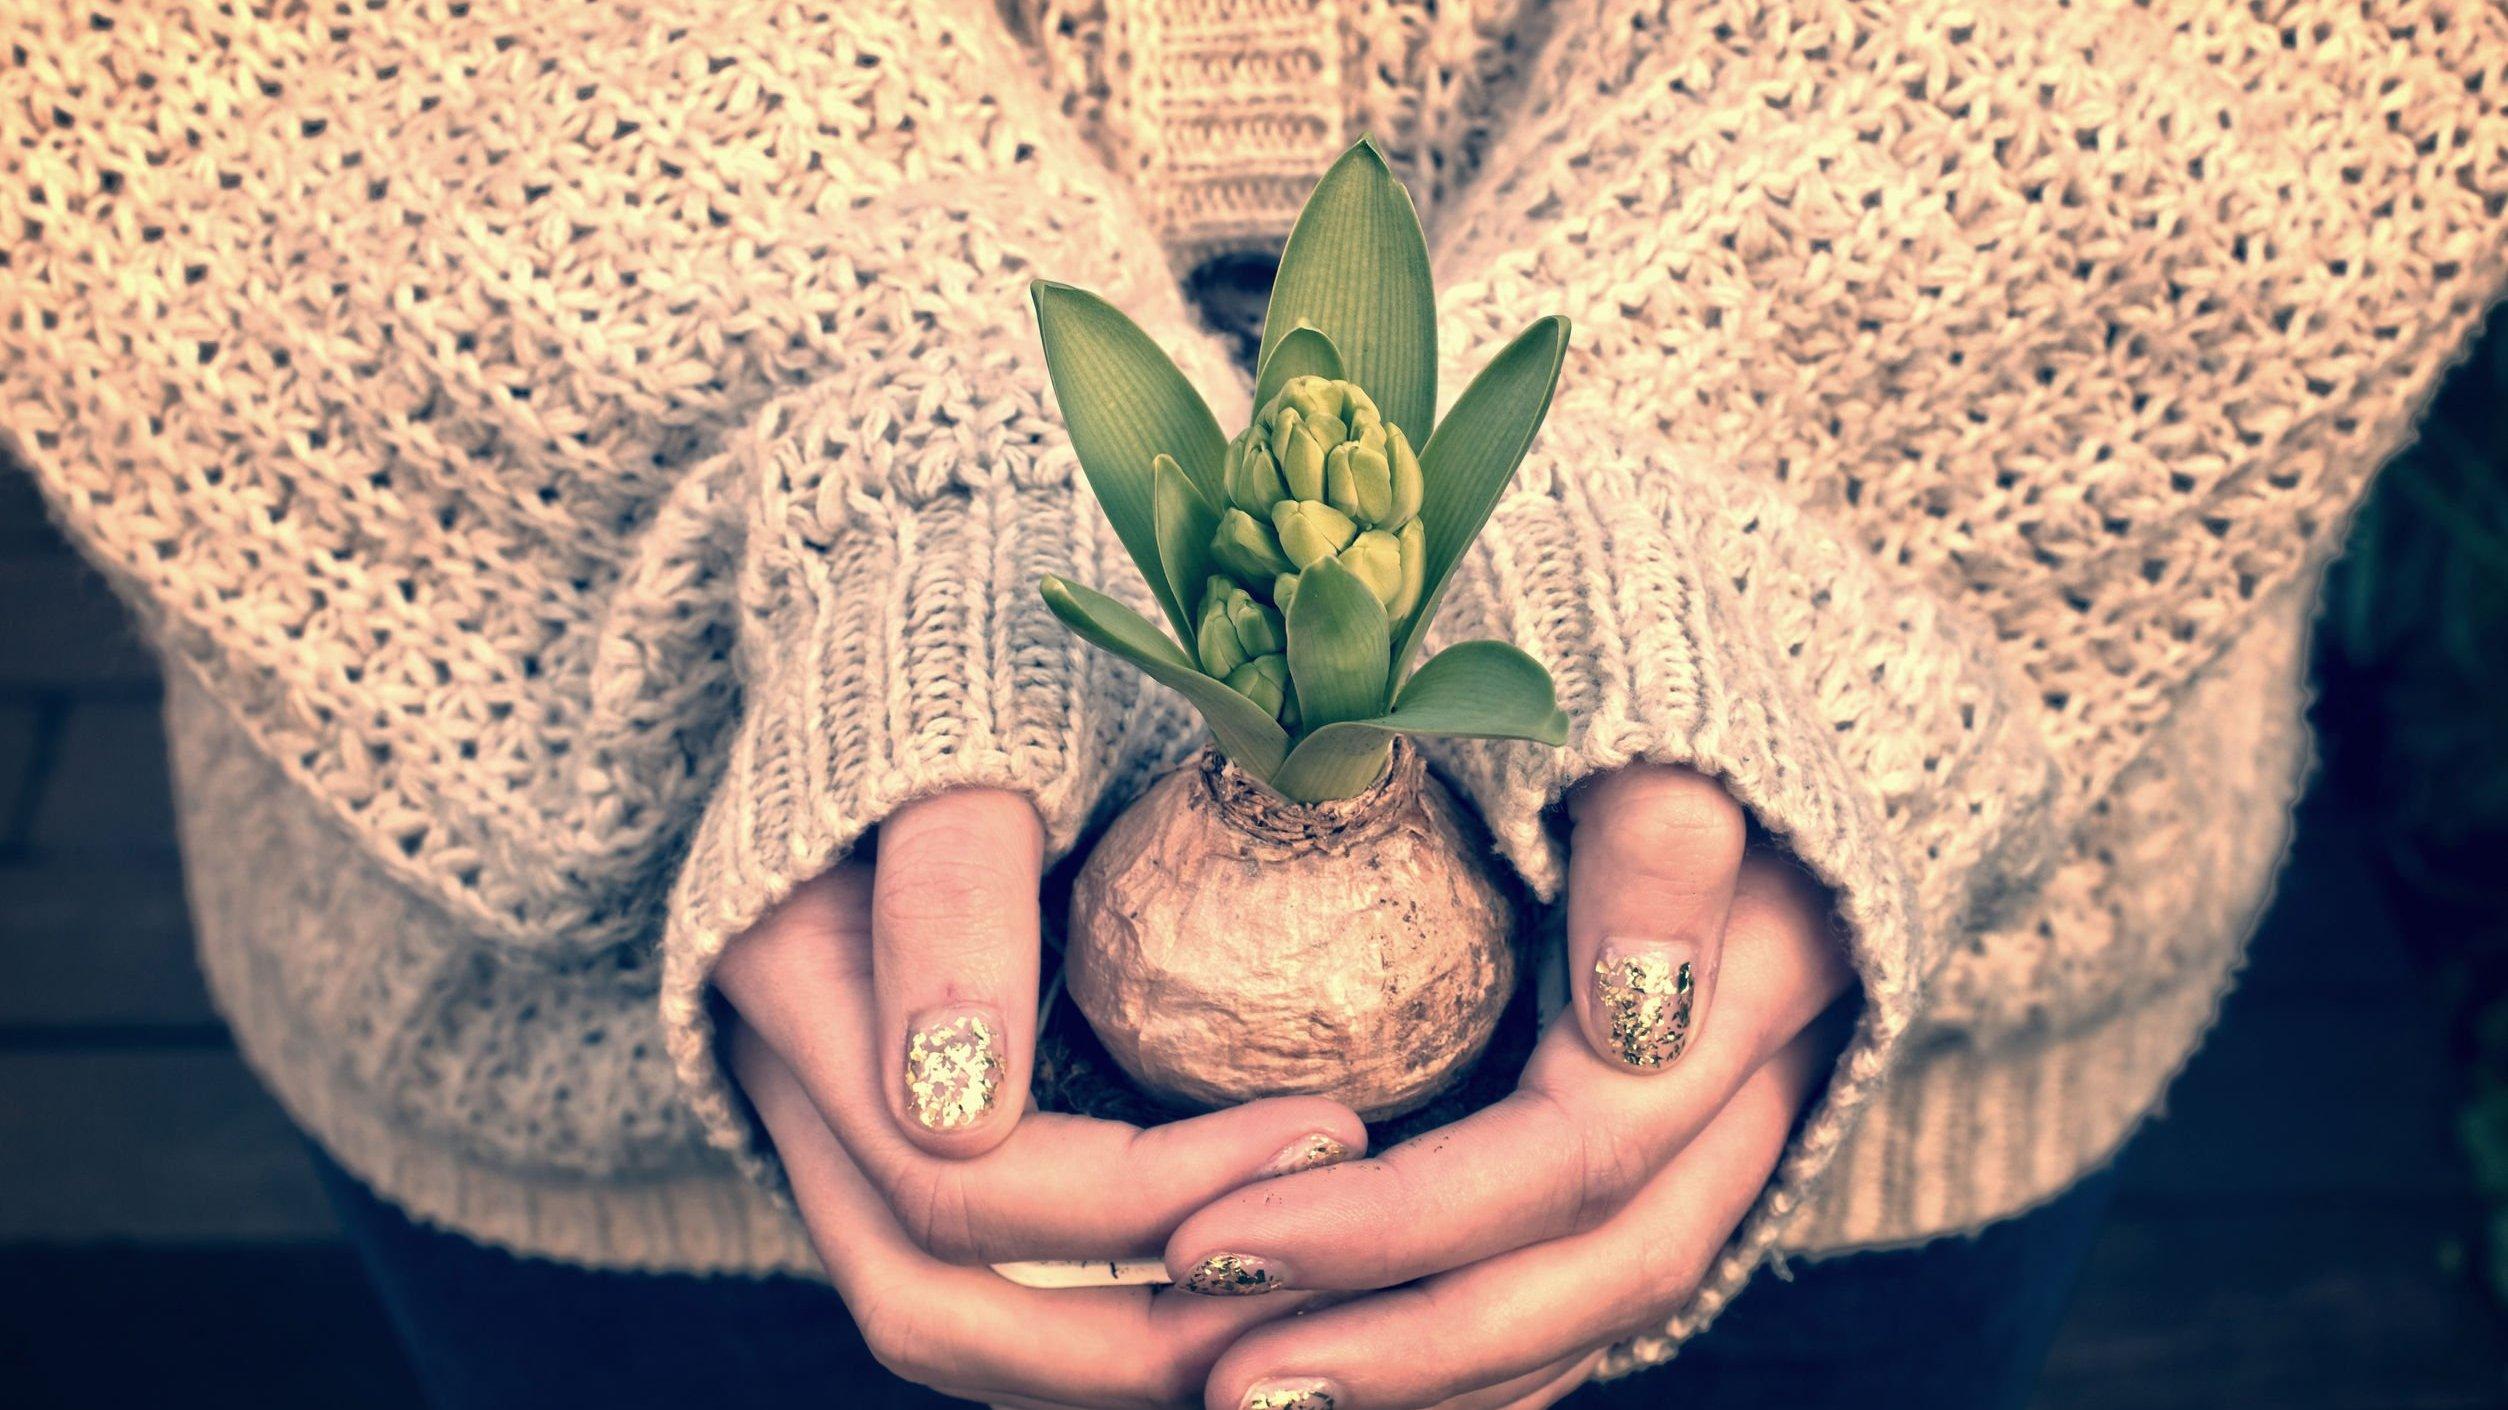 Mãos de mulher jovem segurando um pequeno vaso de planta